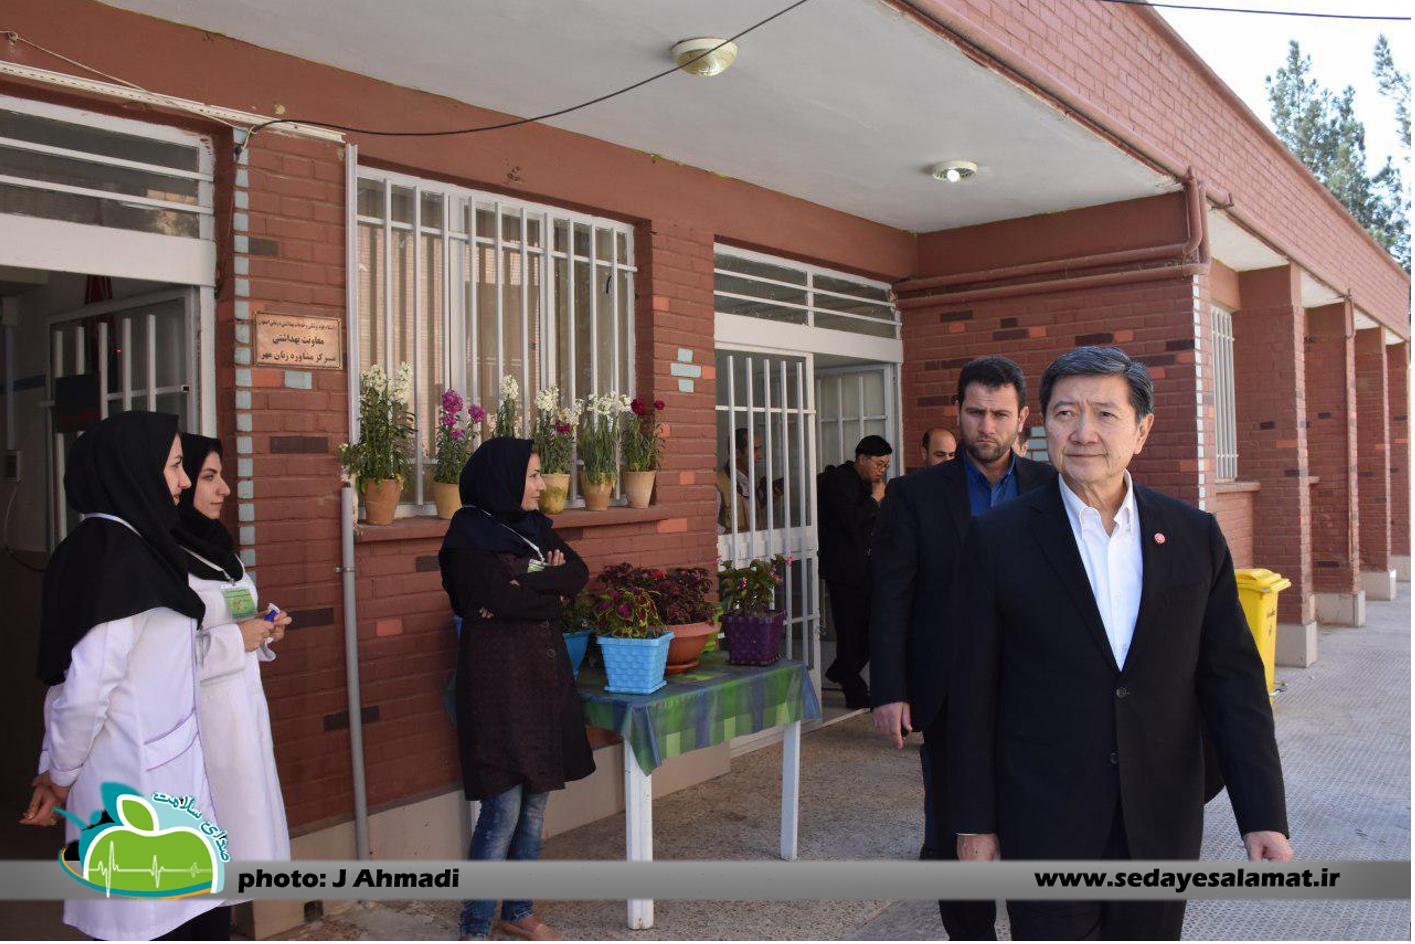 سفر وزیر بهداشت تایلند به اصفهان (11)